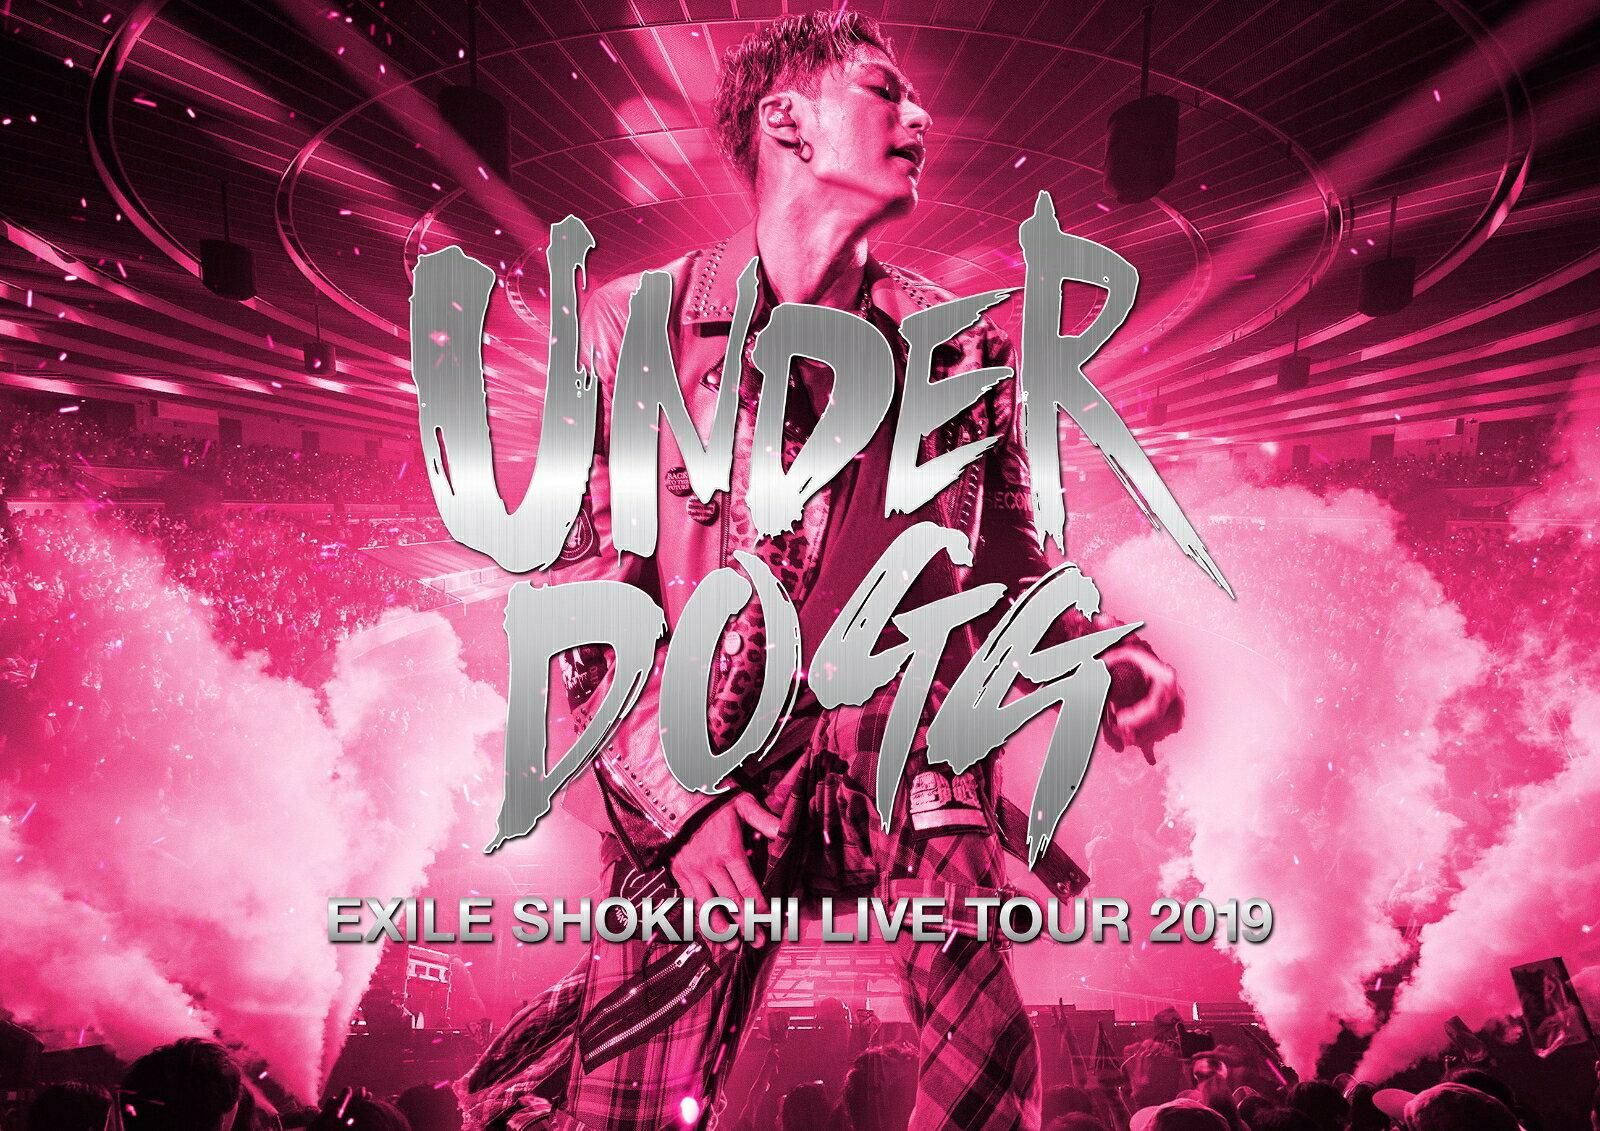 EXILE SHOKICHI LIVE TOUR 2019 UNDERDOGG(初回生産限定盤)